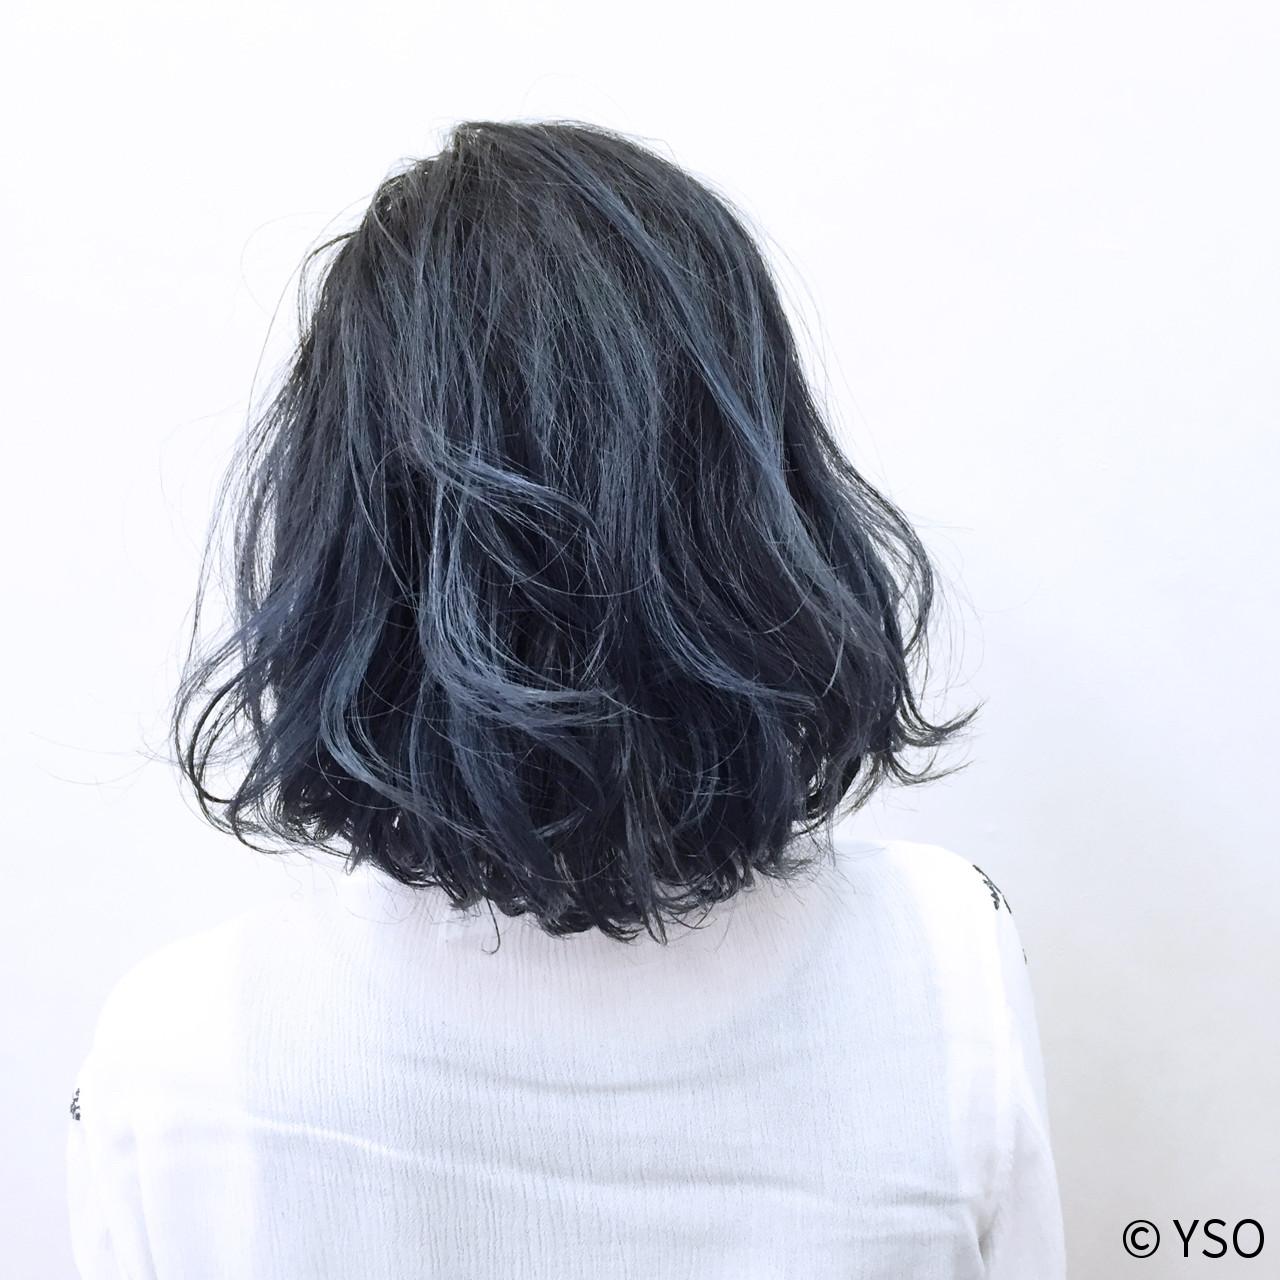 グラデーションカラー 外国人風 ボブ 暗髪 ヘアスタイルや髪型の写真・画像 | YSO / 電髪倶楽部street